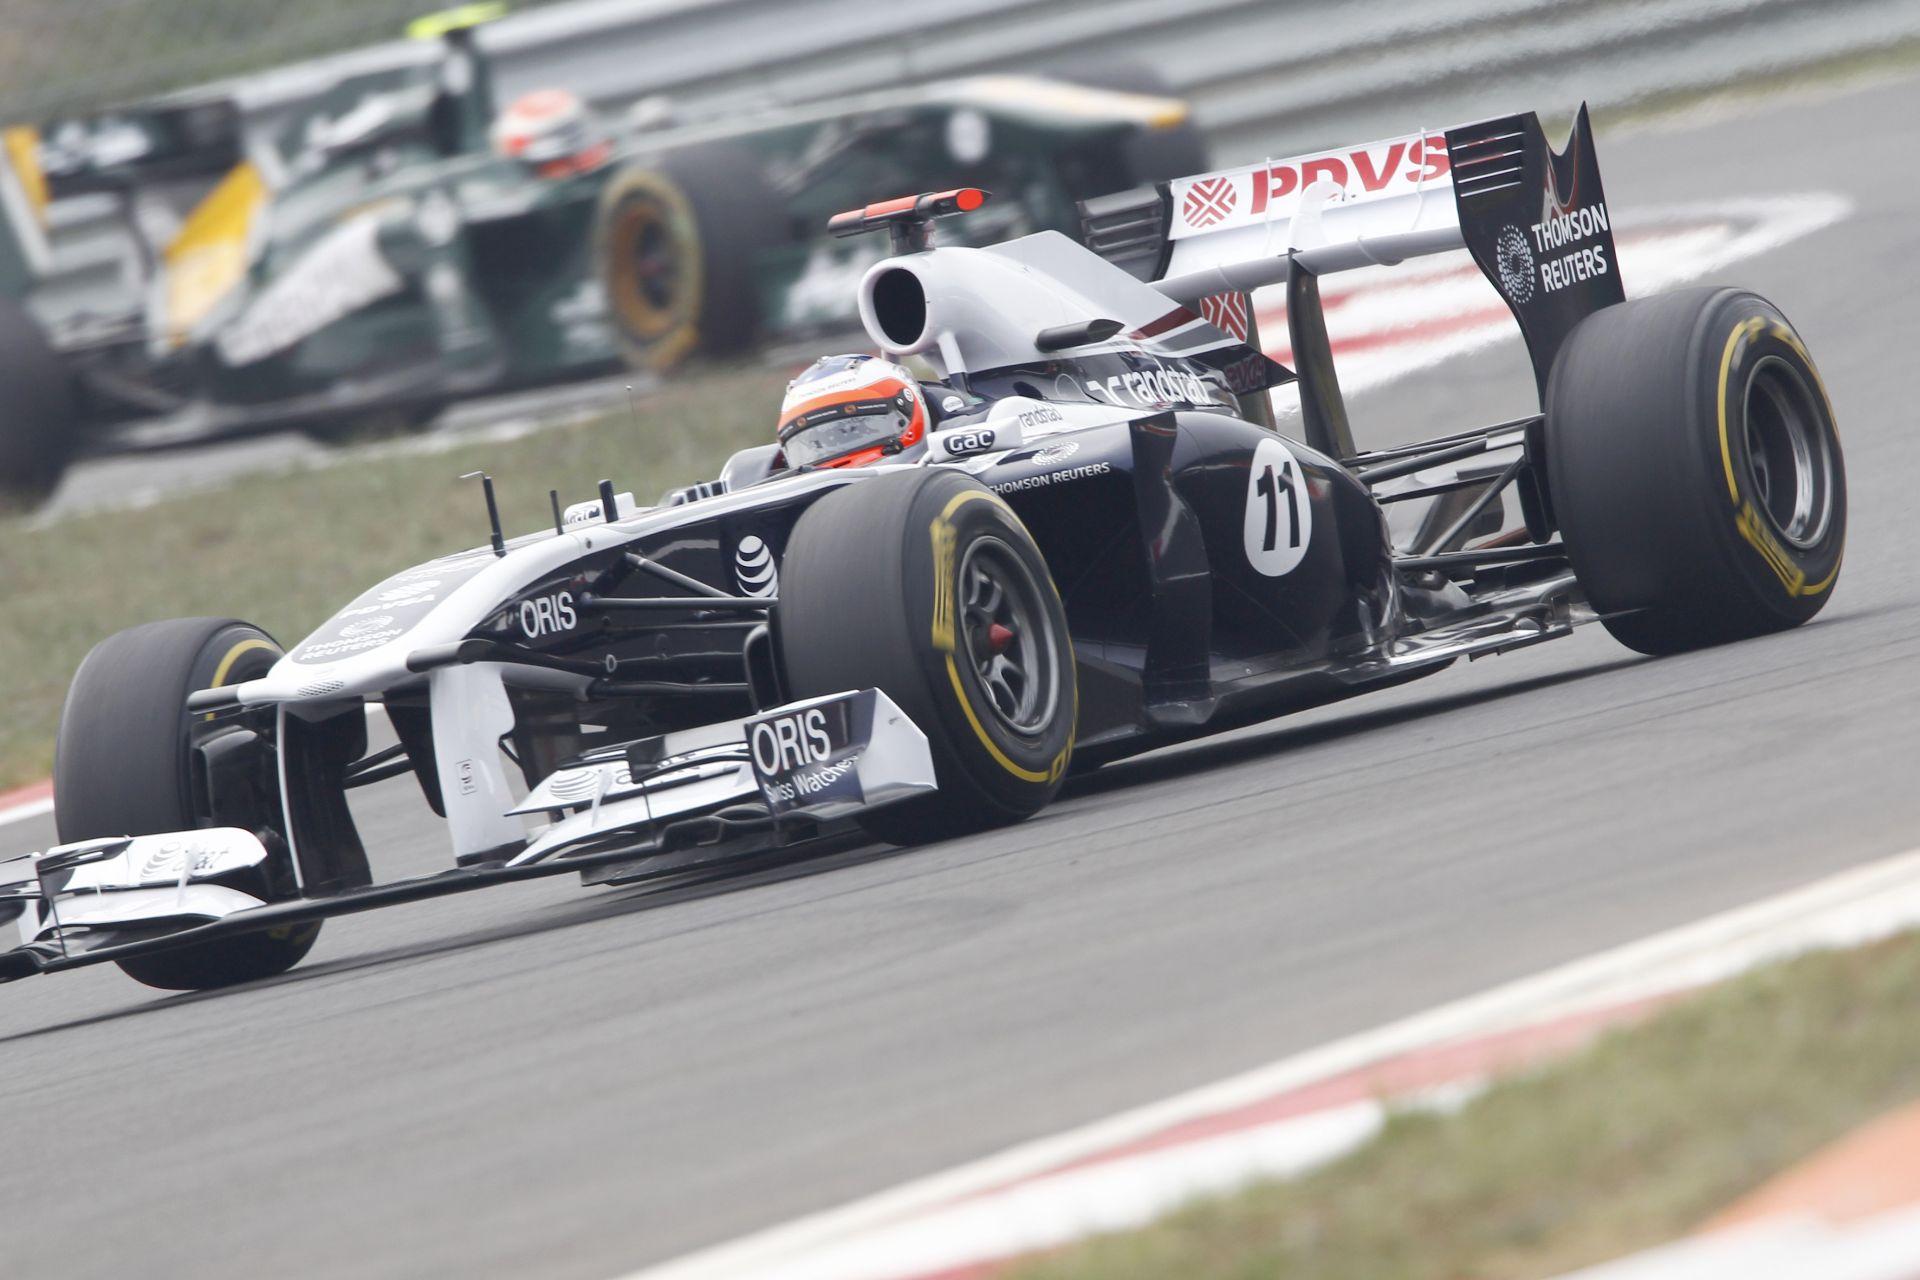 500 ezer eurót ér Barrichello támogatóinak az F1-es ülés Abu Dhabiban?